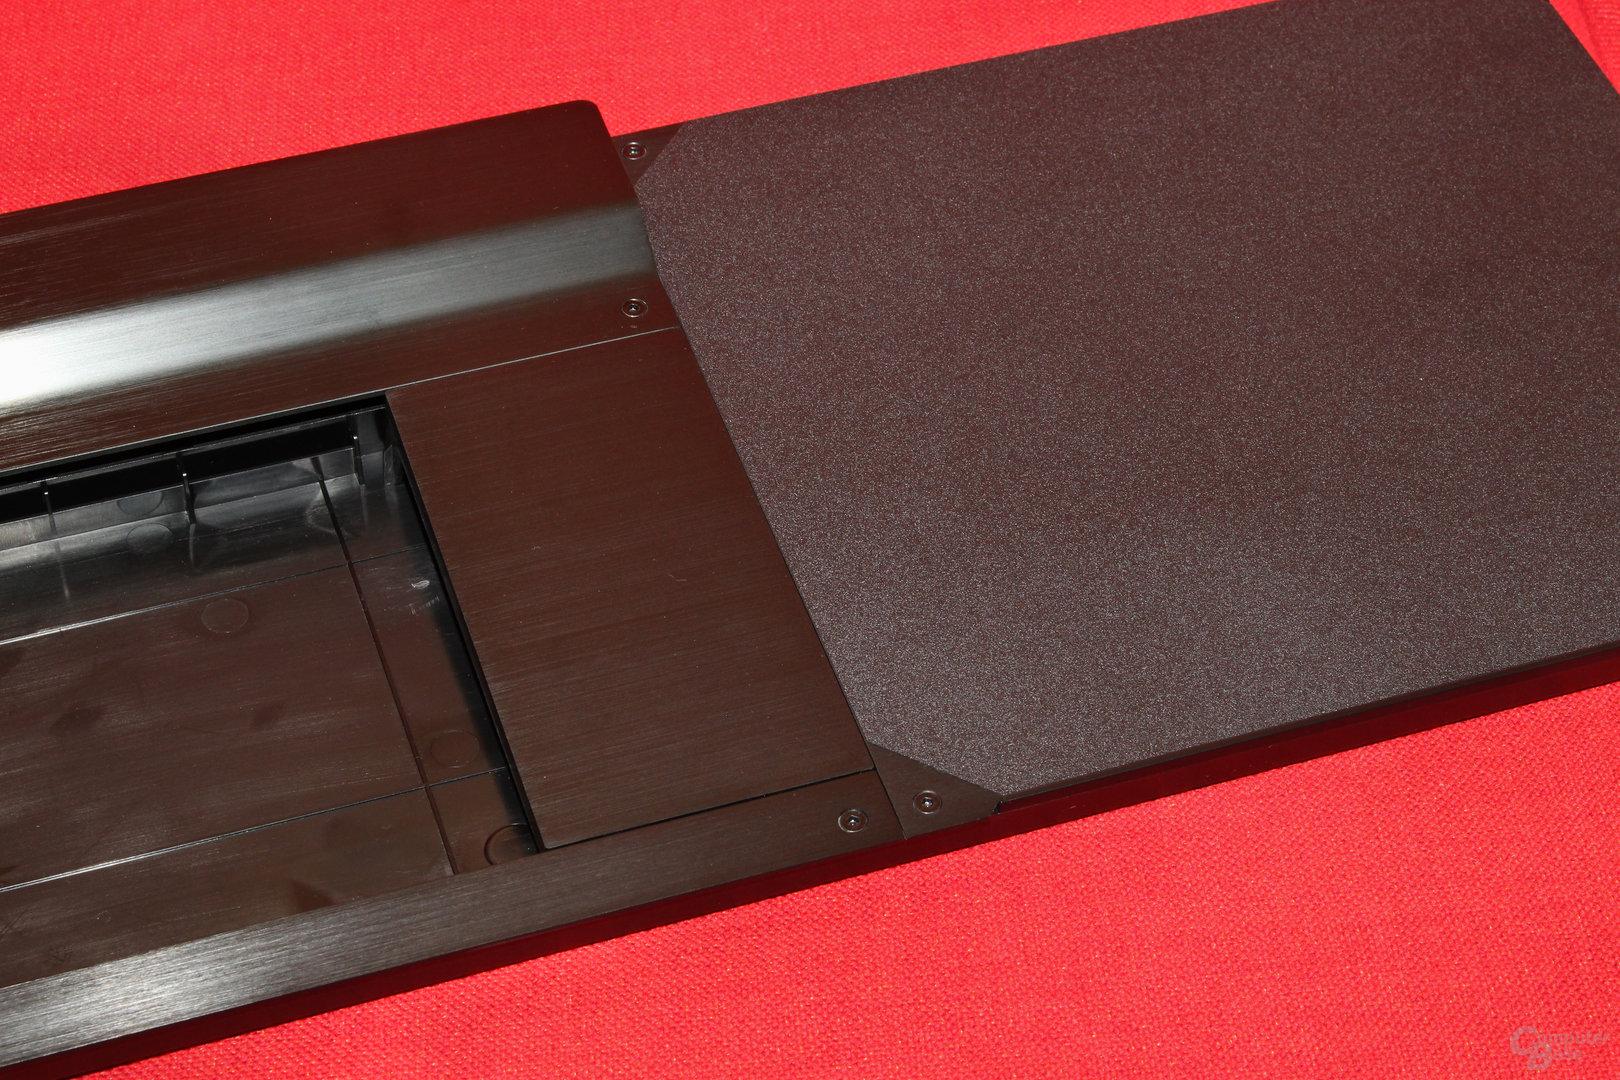 Die Abdeckung erlaubt den Einsatz einer Tastatur ohne Nummernblock